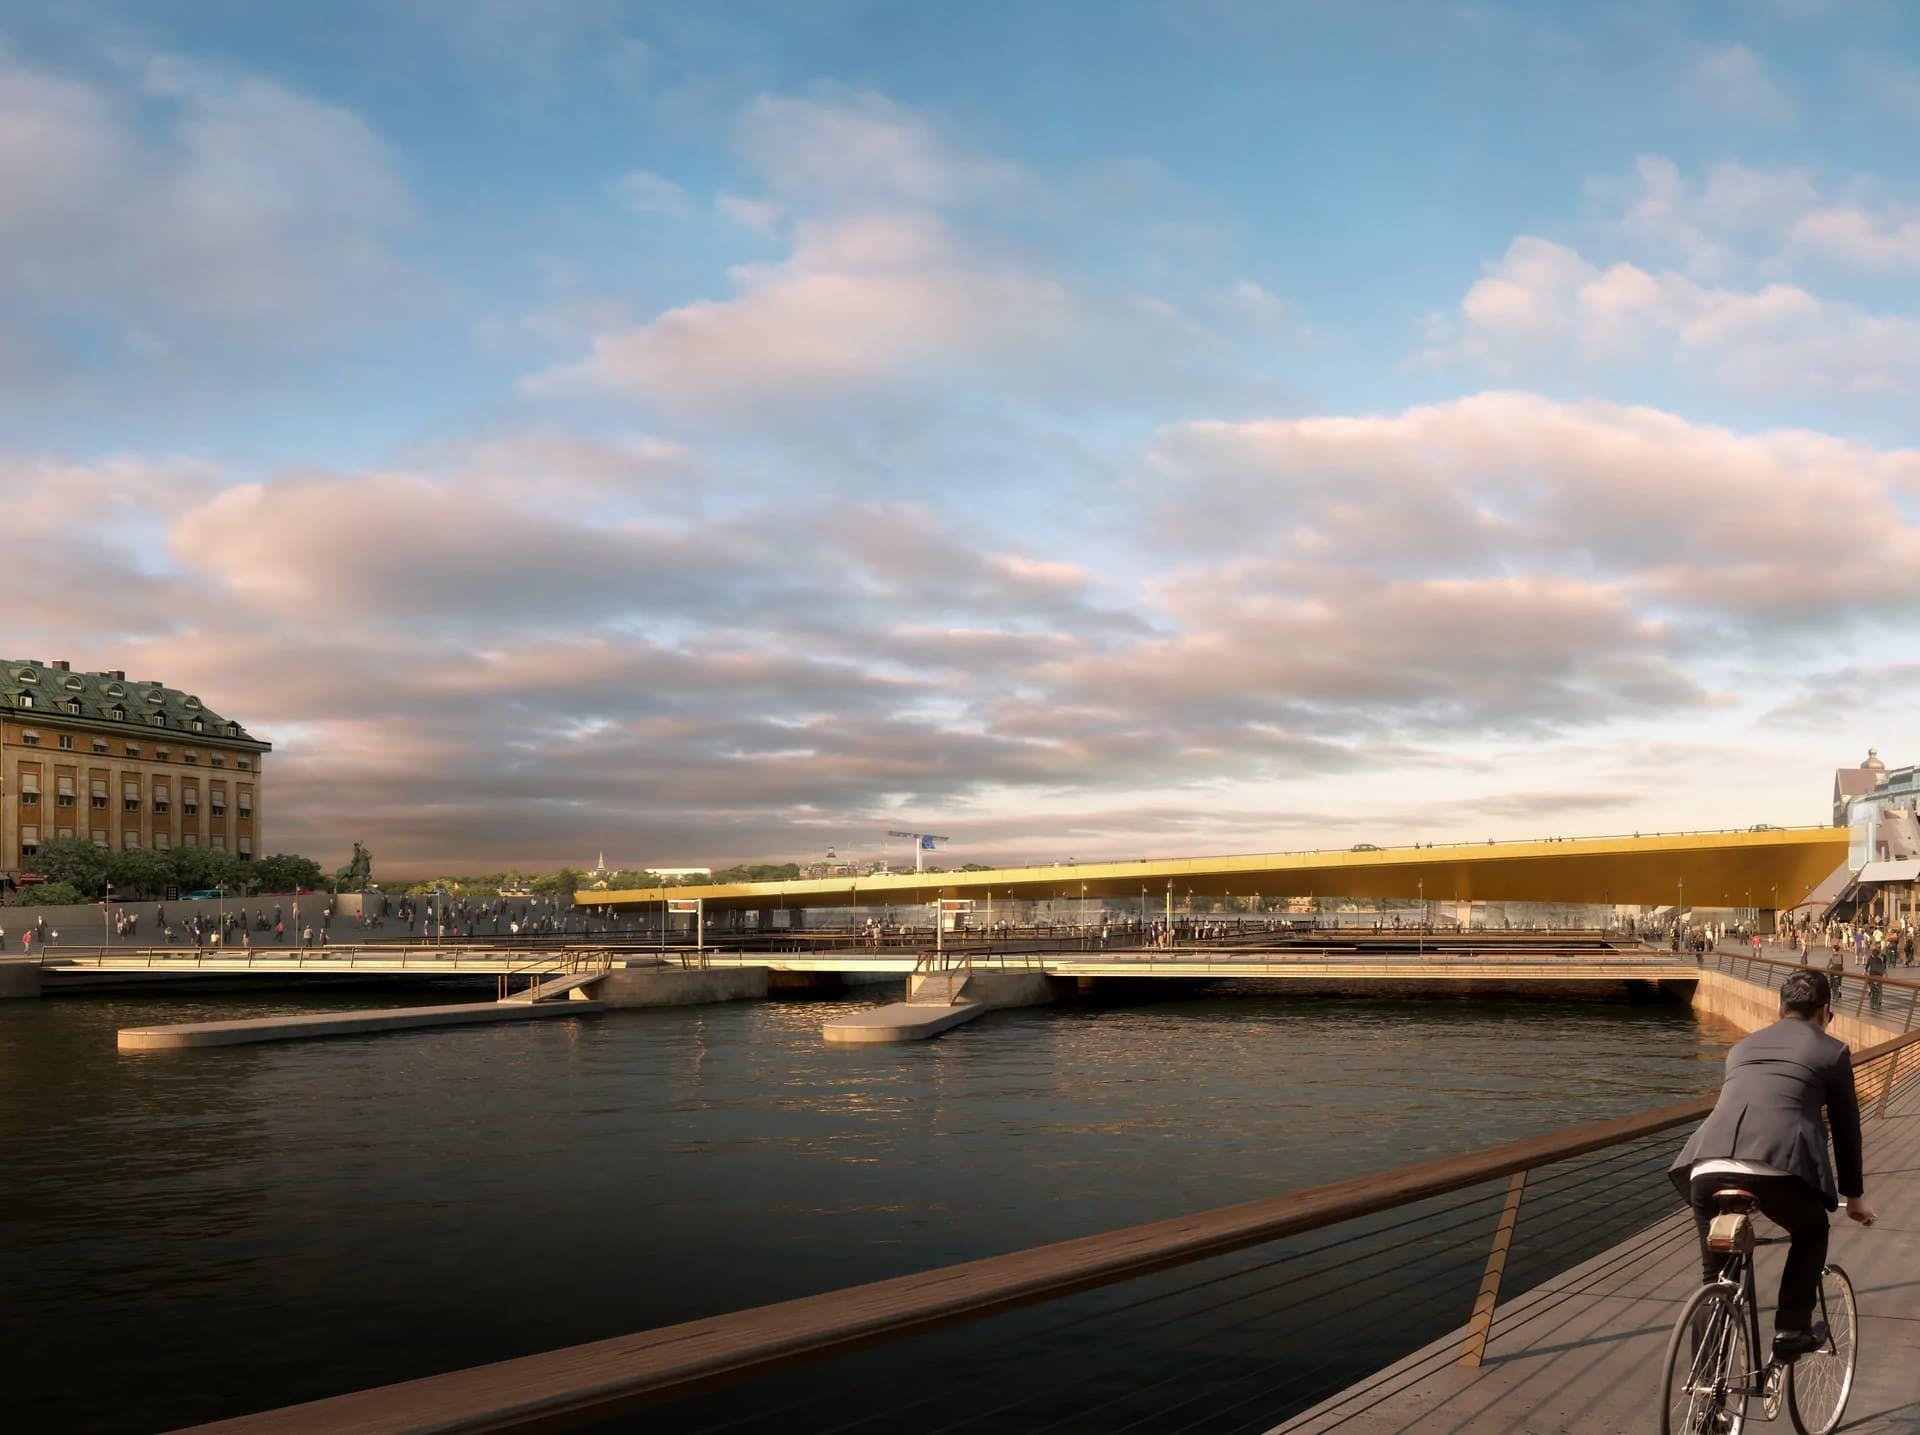 Följ Slussens guldbro på väg till Stockholm